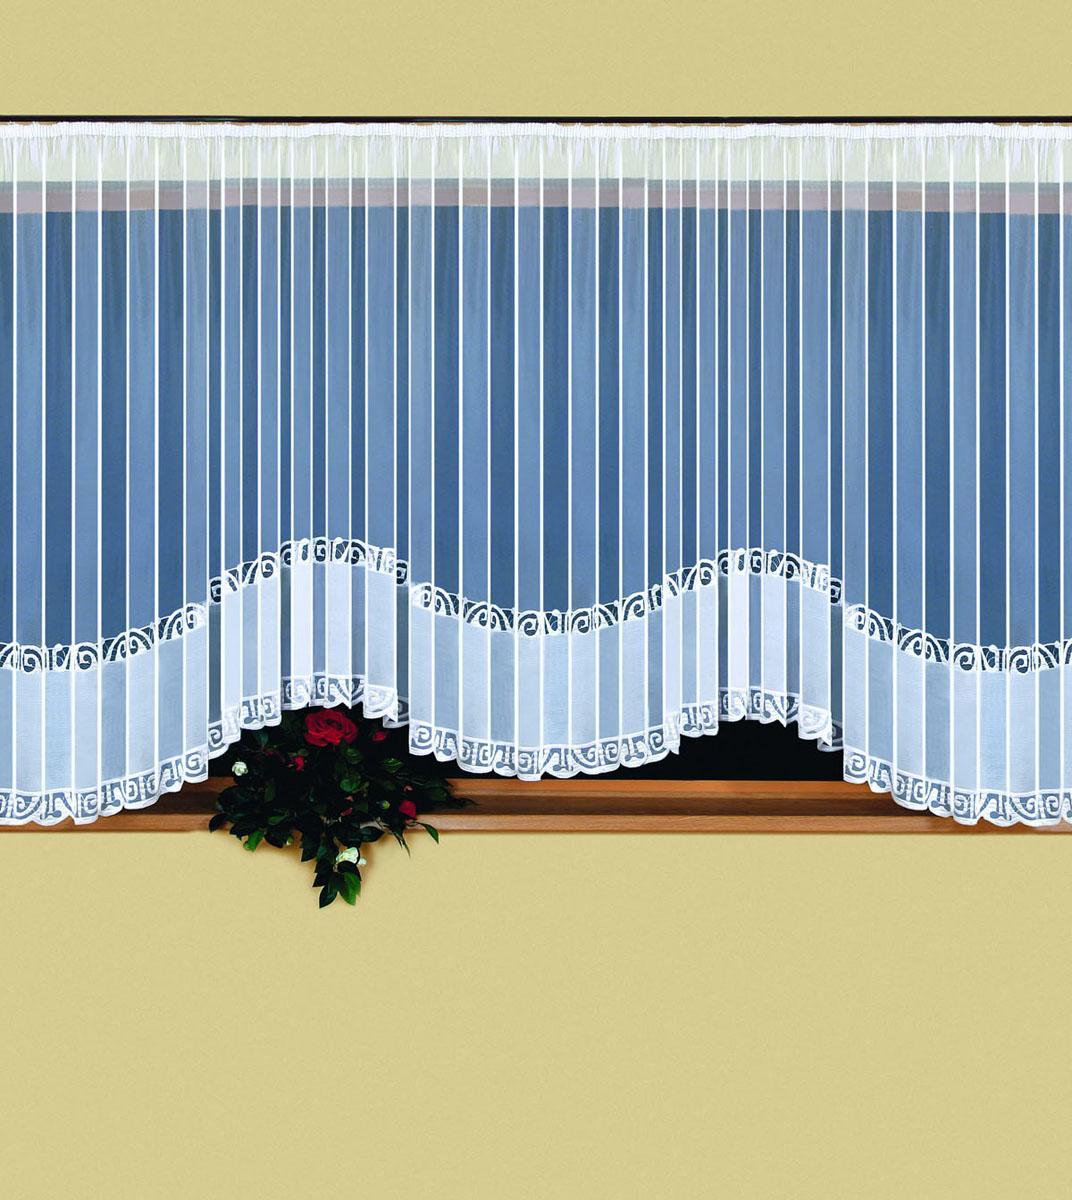 Гардина Weranika, на ленте, цвет: белый, 600 см х 150 см524839Воздушная гардина Weranika, изготовленная из полиэстера белого цвета, станет великолепным украшением любого окна. Тонкое плетение, оригинальный дизайн и приятная цветовая гамма привлекут к себе внимание и органично впишутся в интерьер комнаты. В гардину вшита шторная лента. Фирма Wisan на польском рынке существует уже более пятидесяти лет и является одной из лучших польских фабрик по производству штор и тканей. Ассортимент фирмы представлен готовыми комплектами штор для гостиной, детской, кухни, а также текстилем для кухни (скатерти, салфетки, дорожки, кухонные занавески). Модельный ряд отличает оригинальный дизайн, высокое качество. Ассортимент продукции постоянно пополняется.